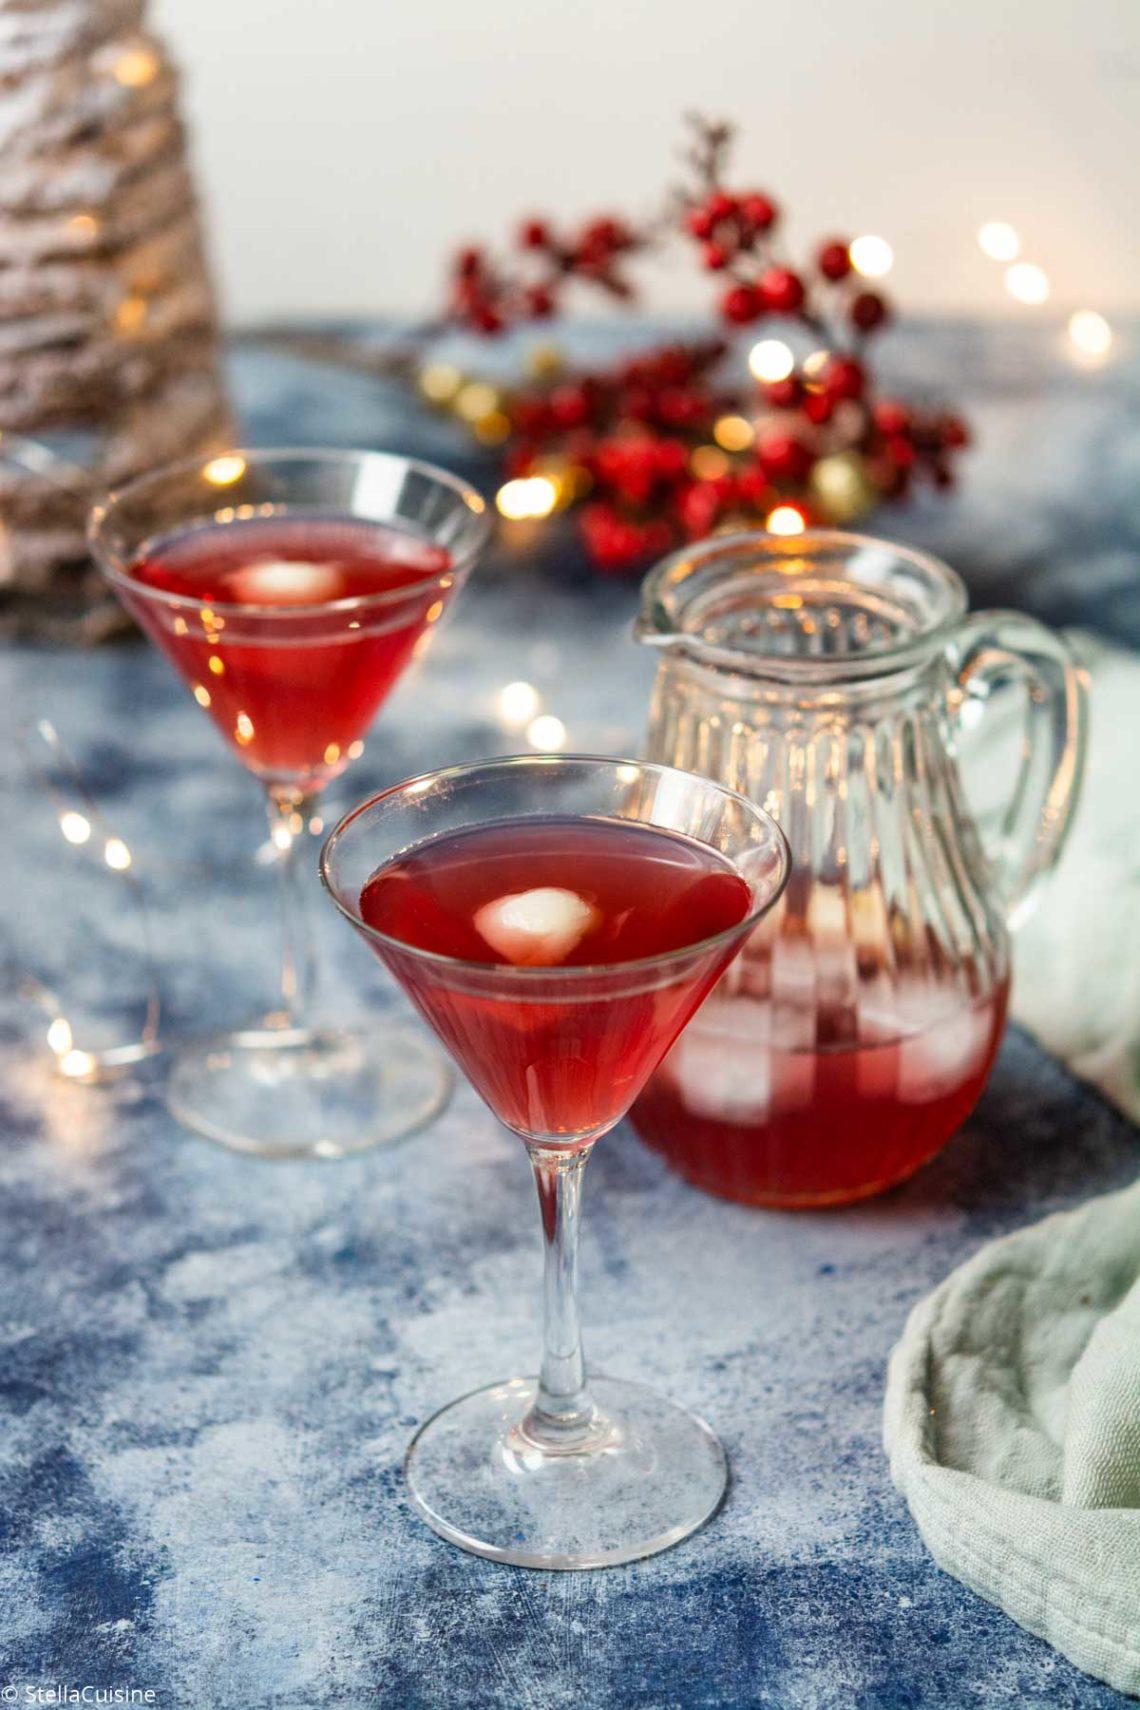 Recette de Noël végétarien : Cocktail au litchi